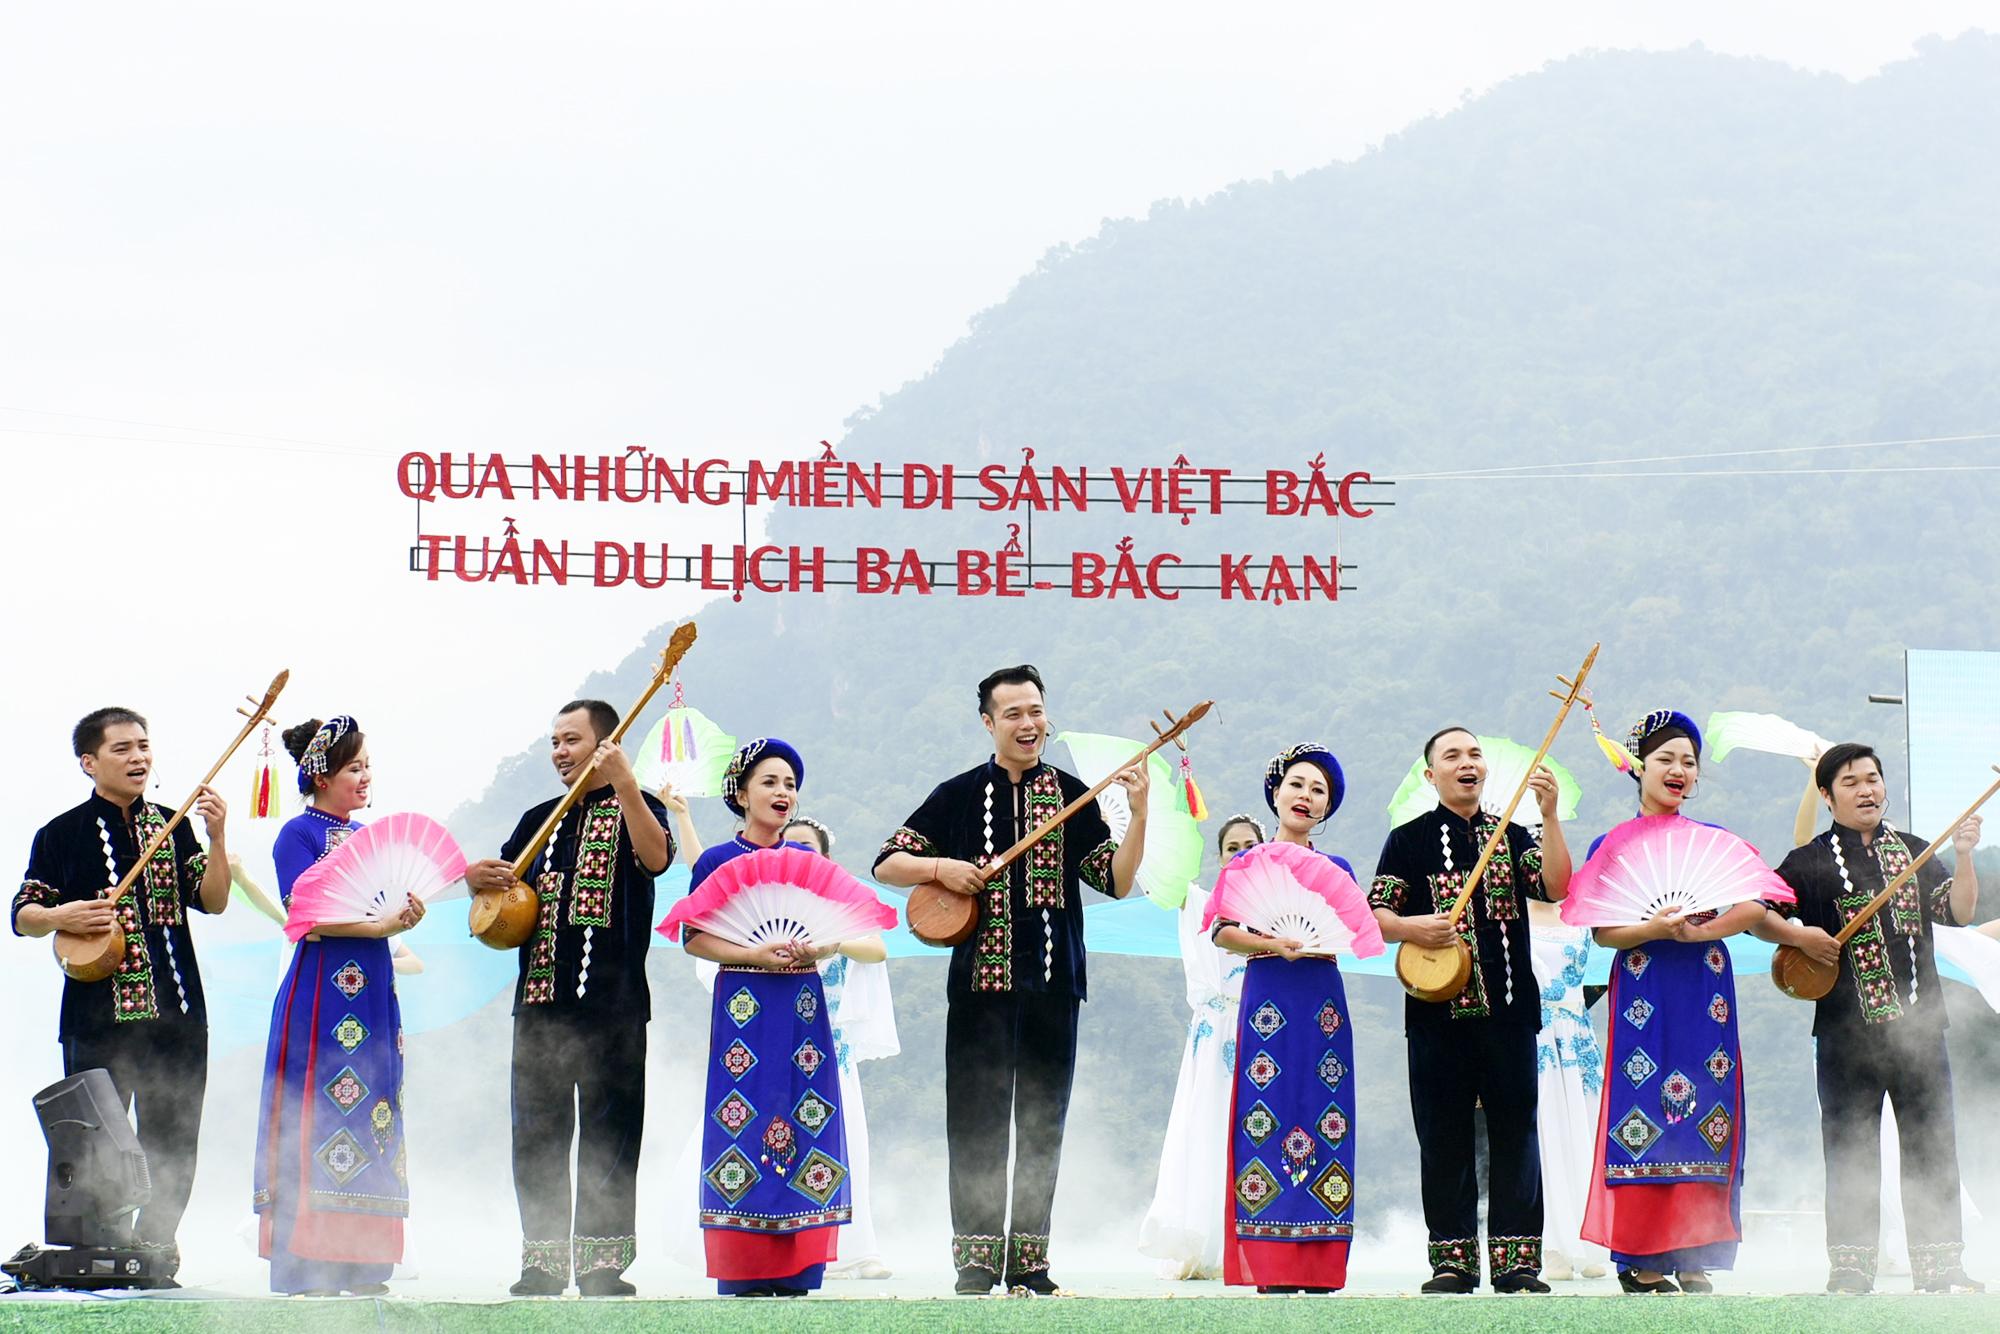 Bắc Kạn với công tác bảo tồn và phát huy dân ca, dân vũ, dân nhạc của các dân tộc thiểu số